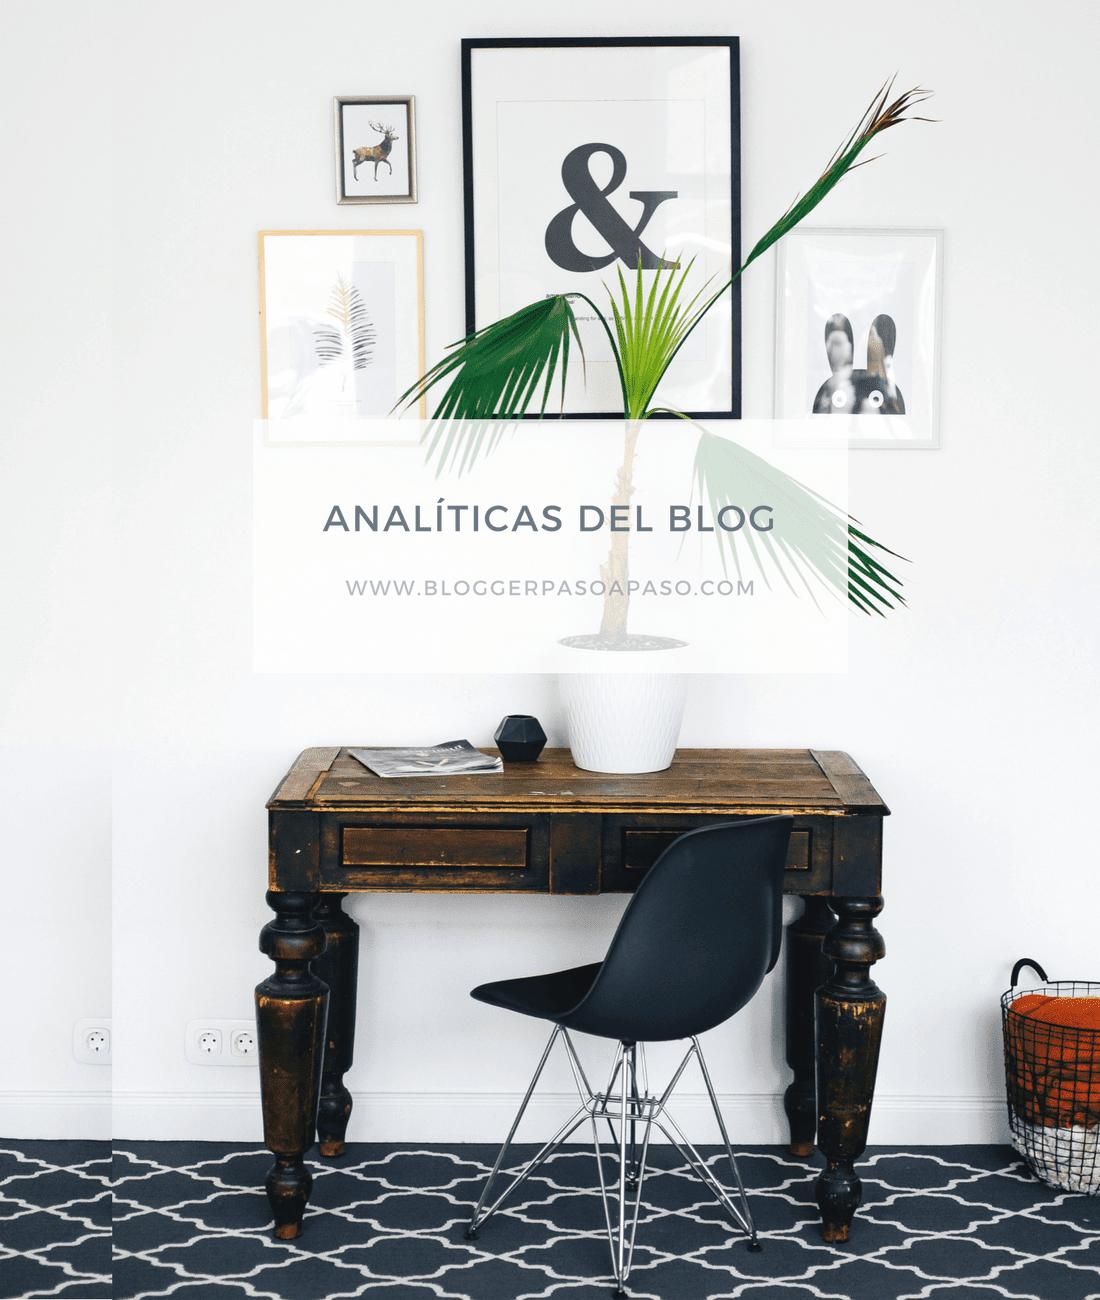 Los artículos más leídos de 2017 en Blogger paso a paso